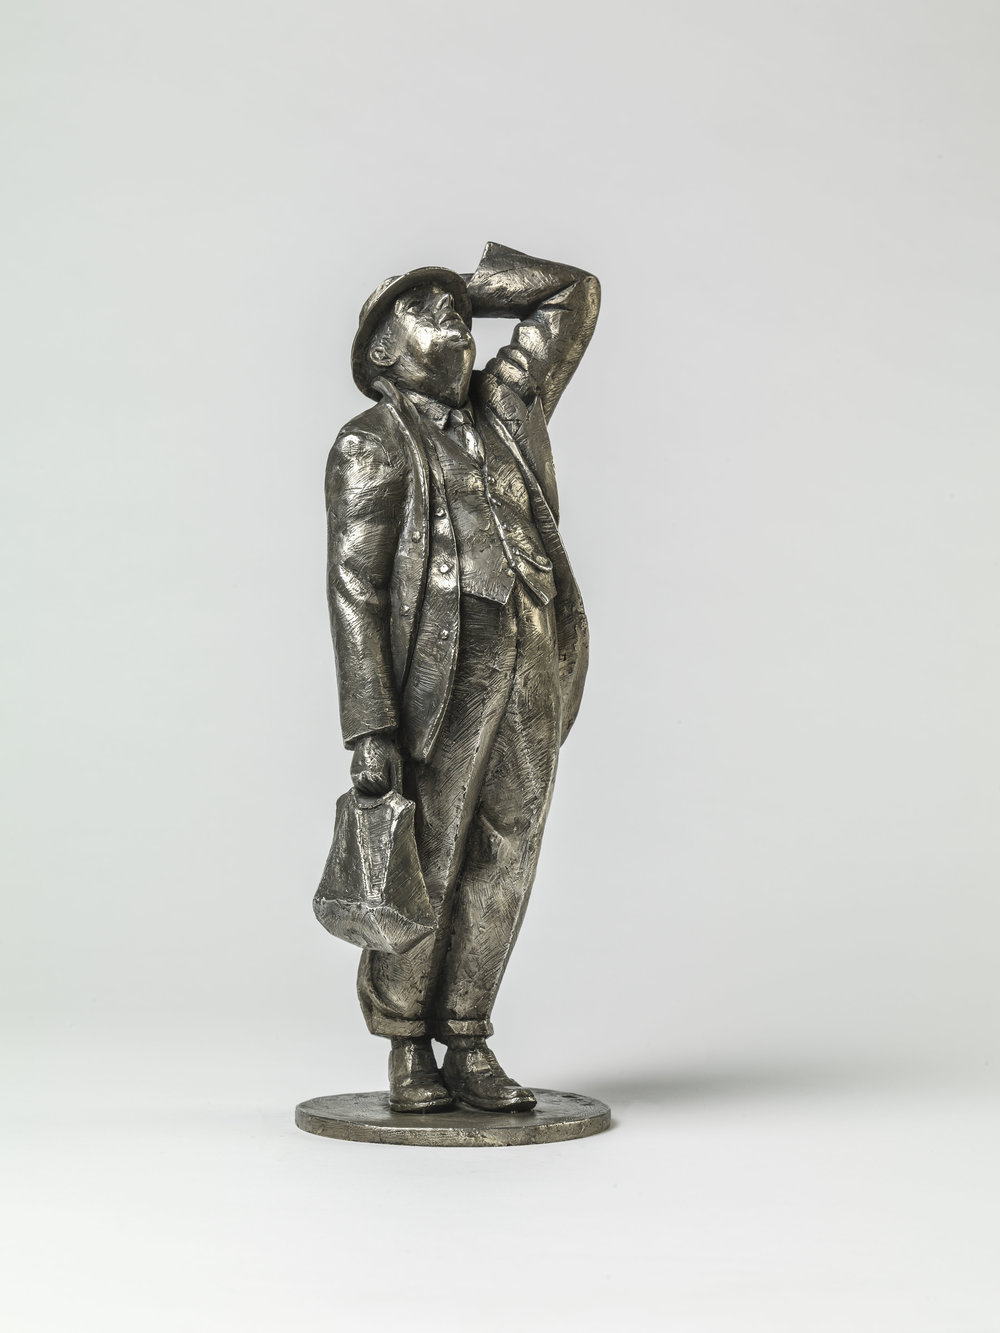 39. John Betjeman maquette.